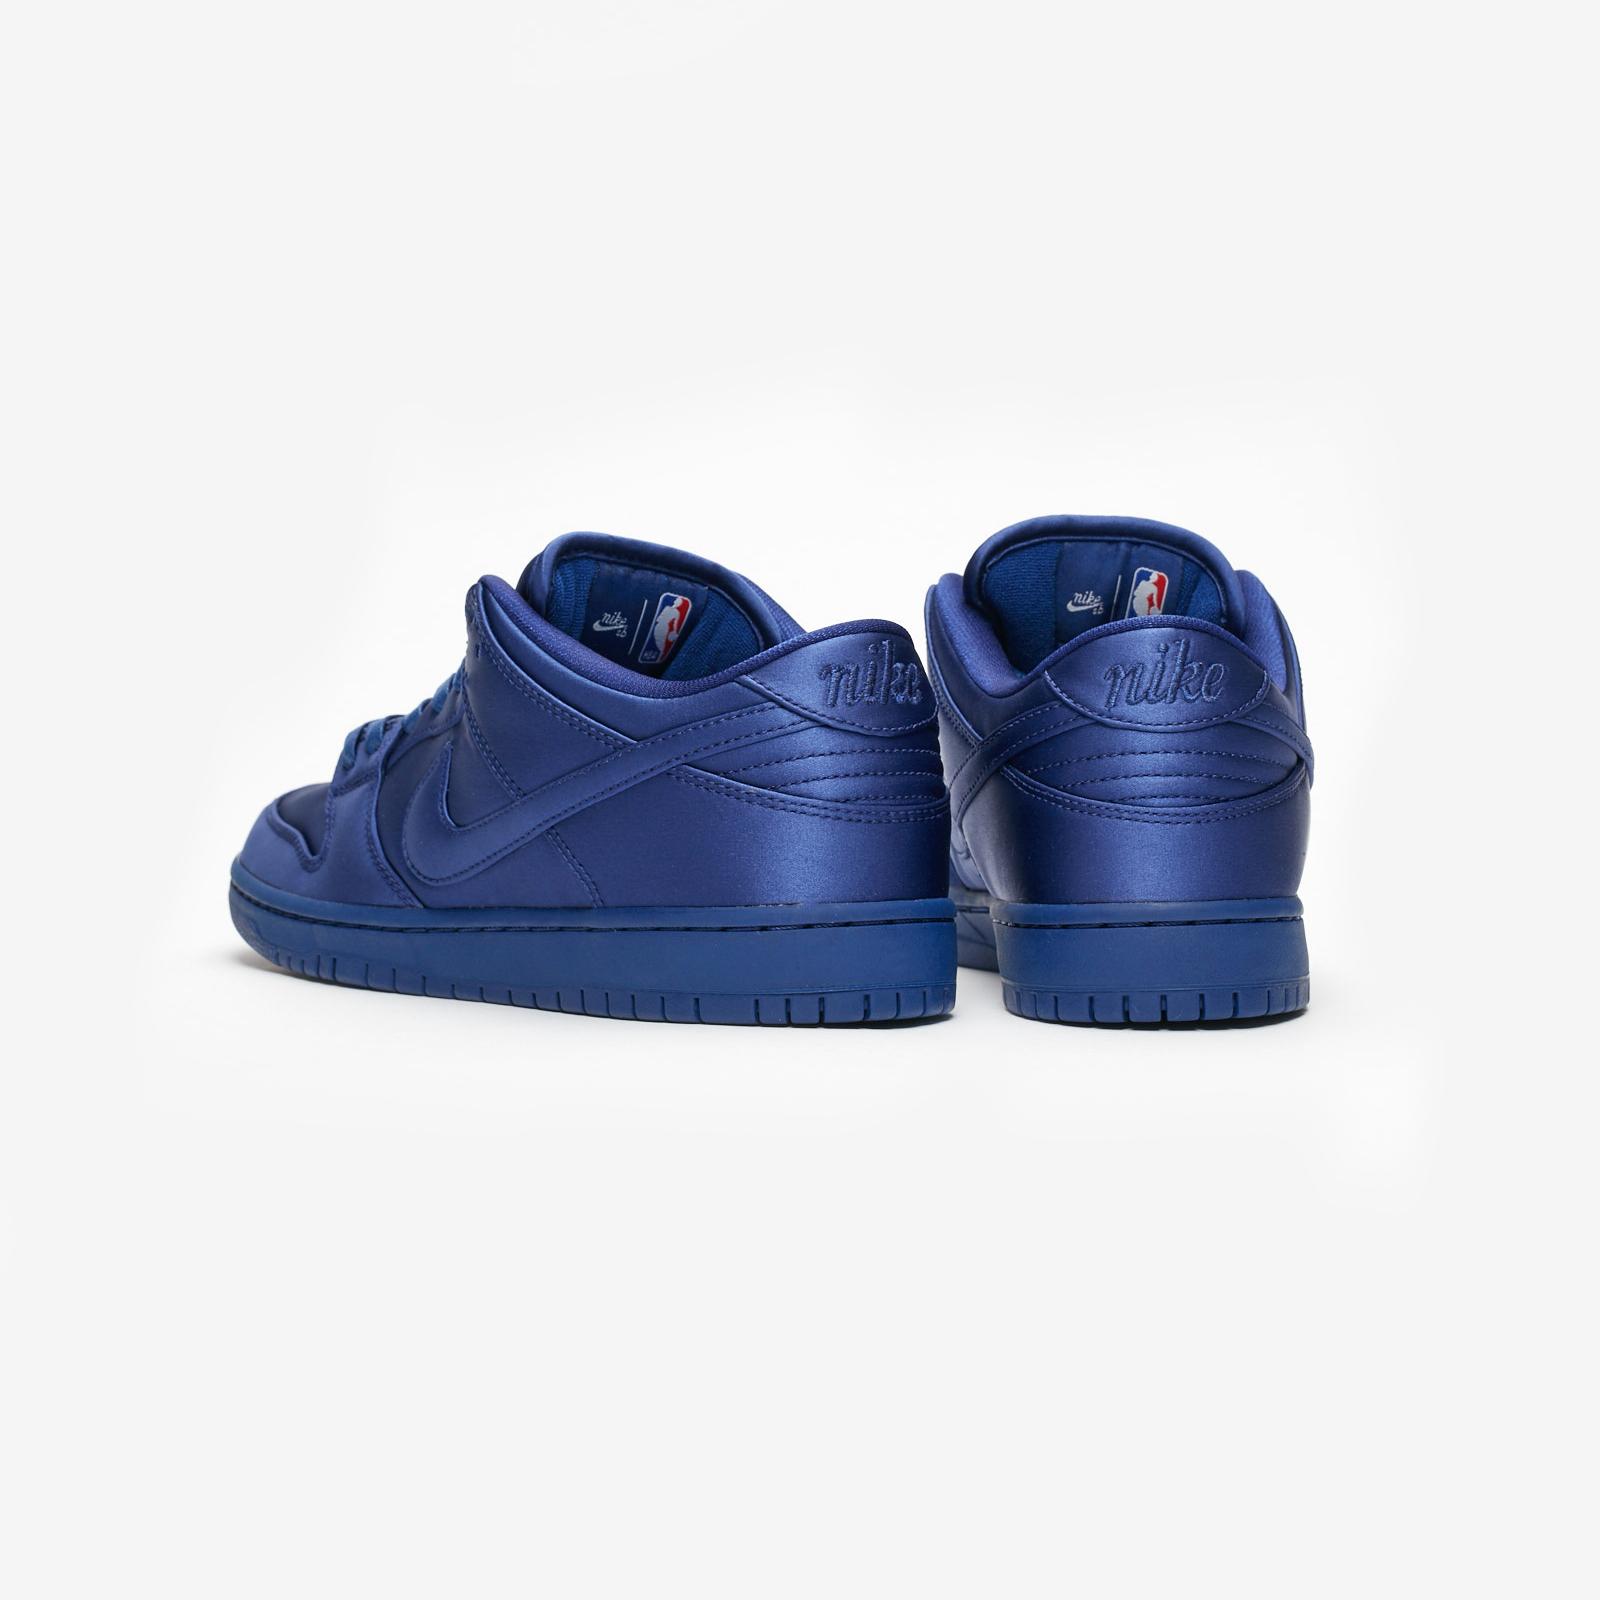 sports shoes dc220 1d173 Nike SB Dunk Low TRD NBA - Ar1577-446 - Sneakersnstuff   sneakers    streetwear online since 1999